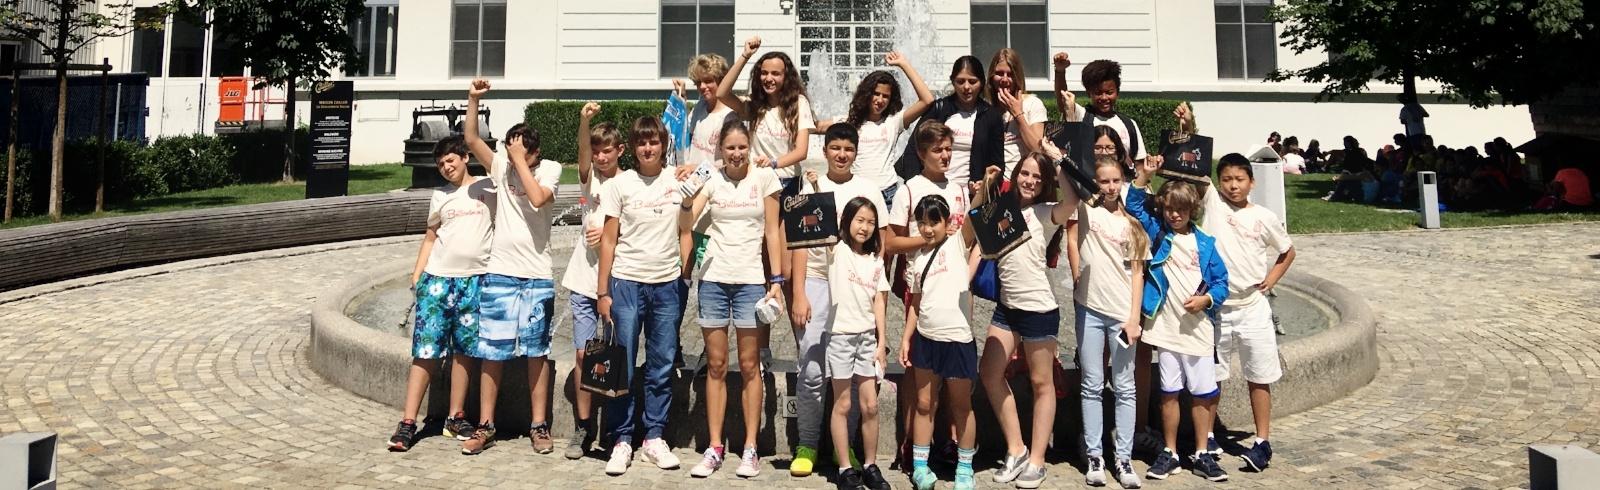 Swiss Boarding School children